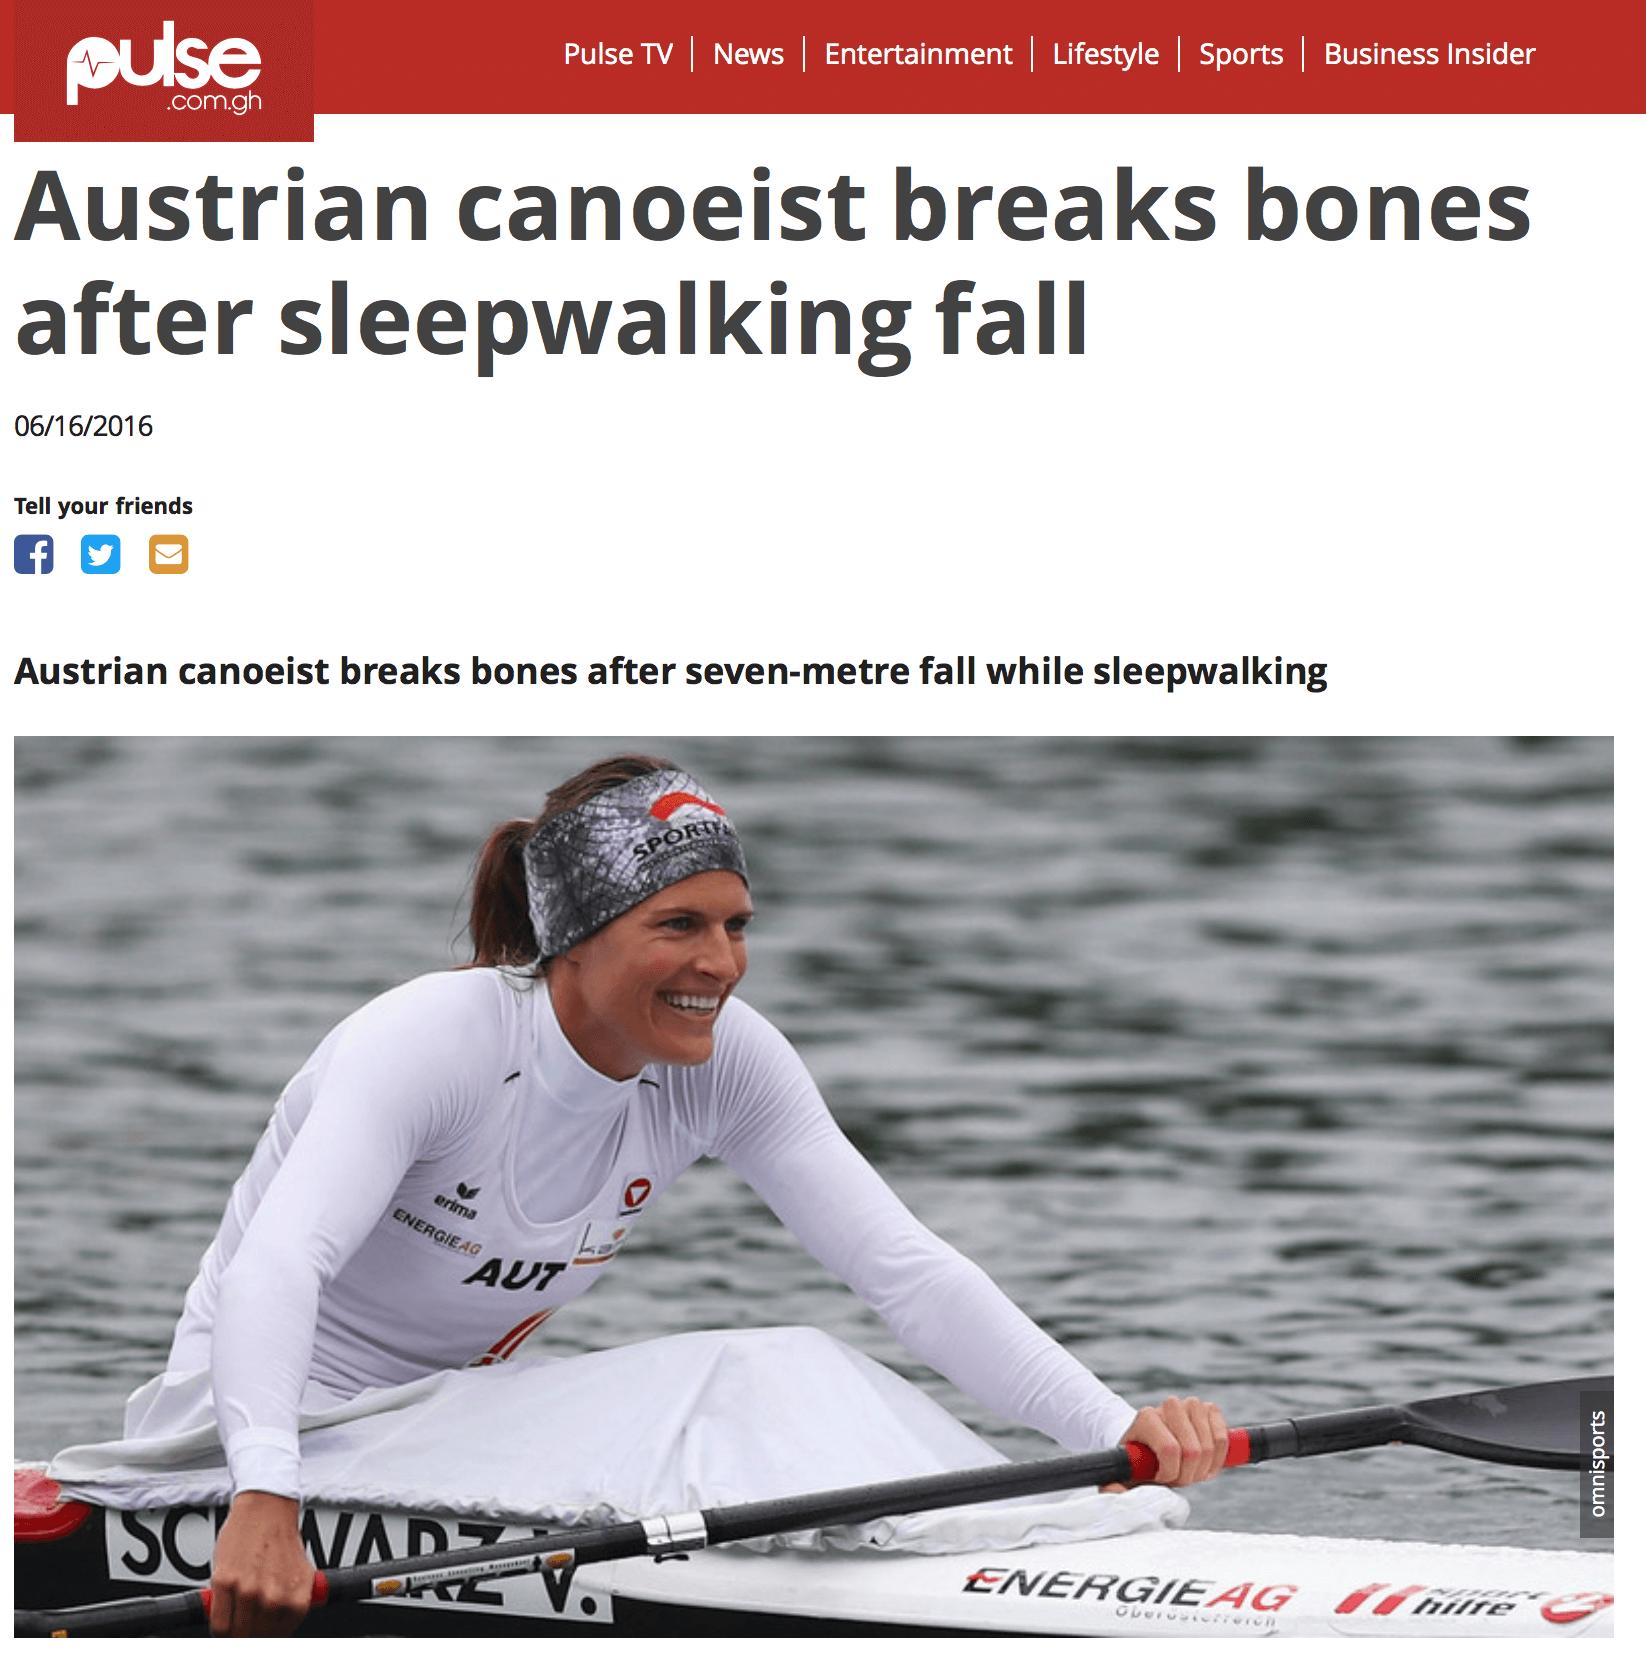 Austrian canoeist breaks bones after sleepwalking fall